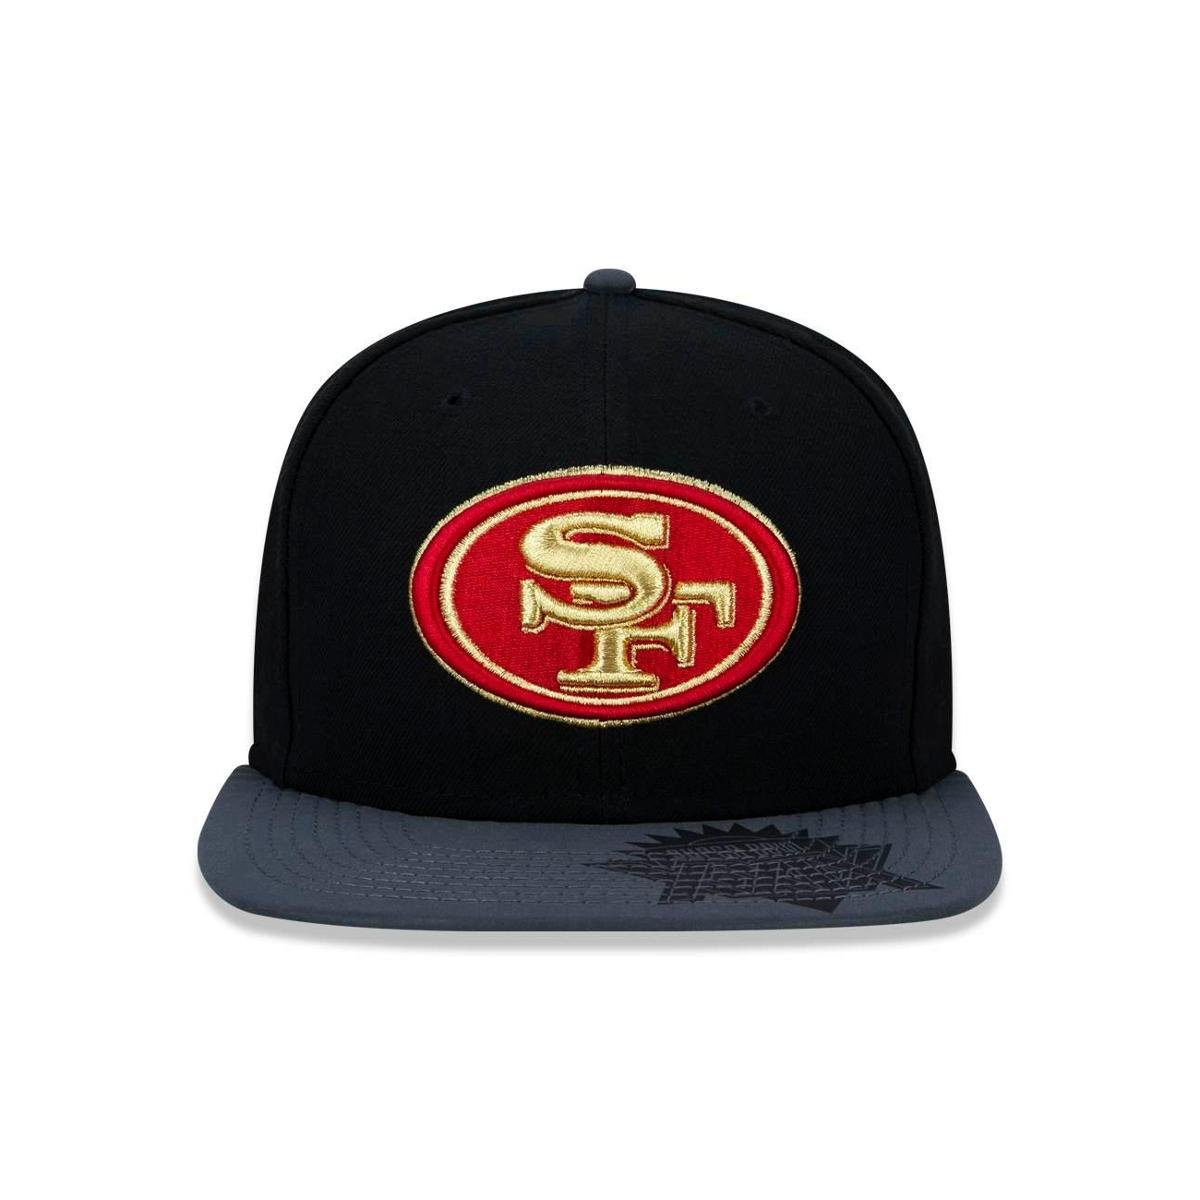 ... Boné 950 Original Fit San Francisco 49ers NFL Aba Reta Snapback New Era  ... 6f66f1ec979